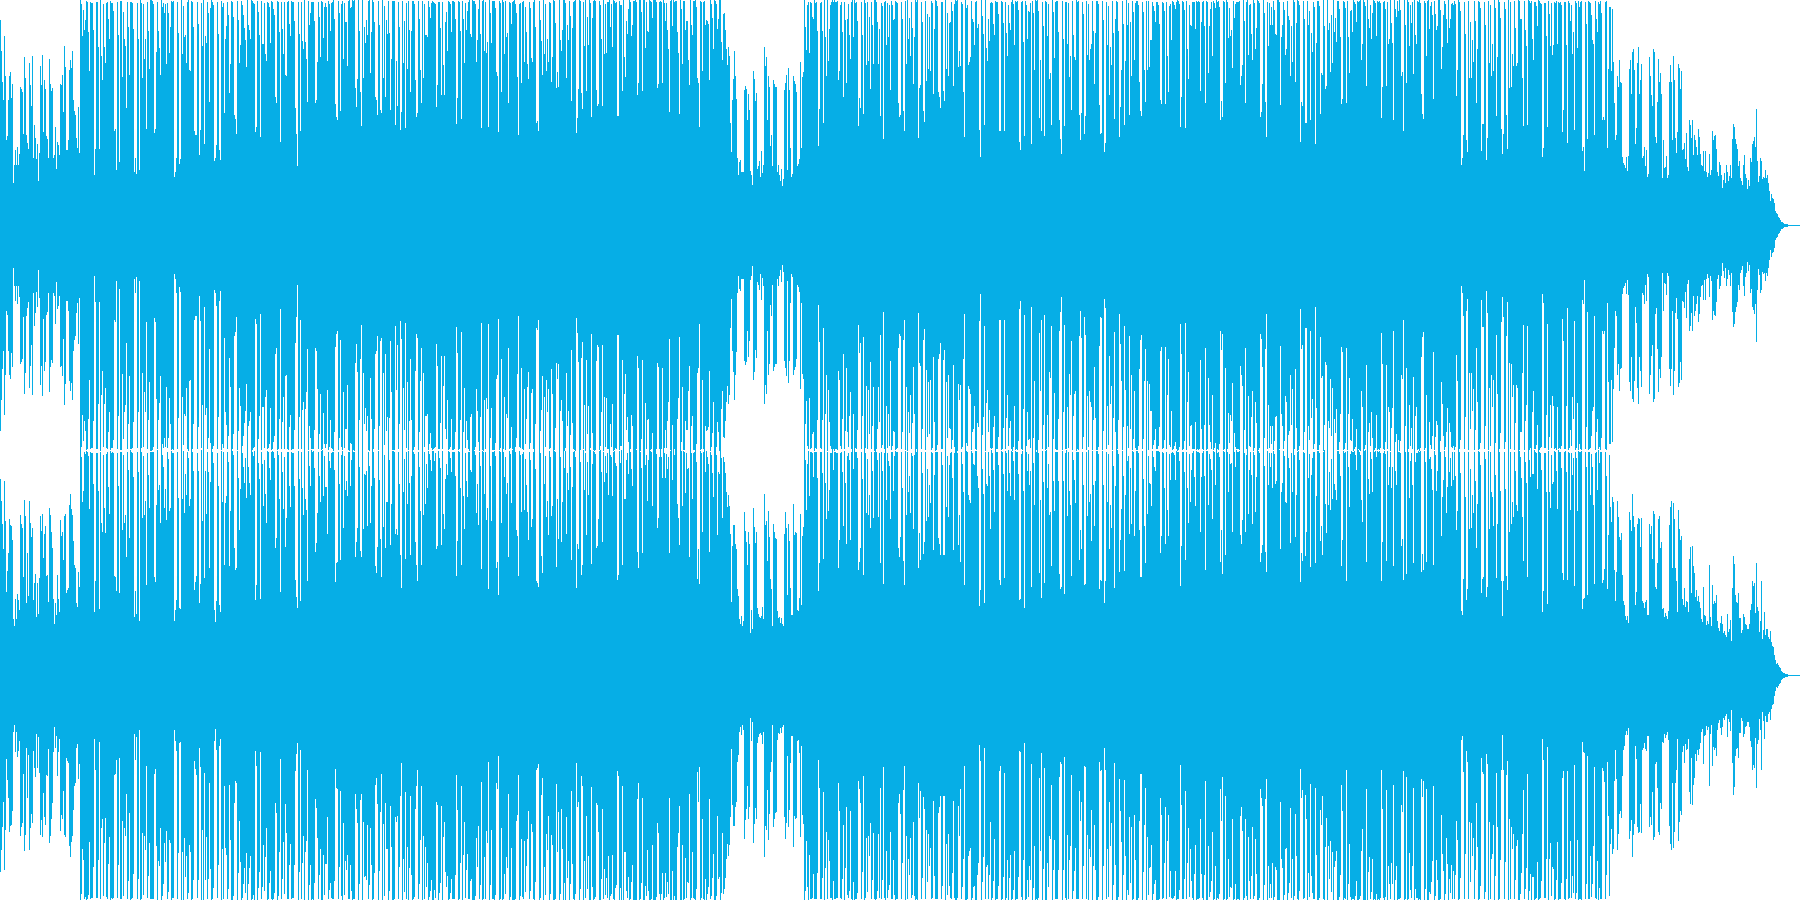 浮遊感の強いチルアウトミュージック。の再生済みの波形